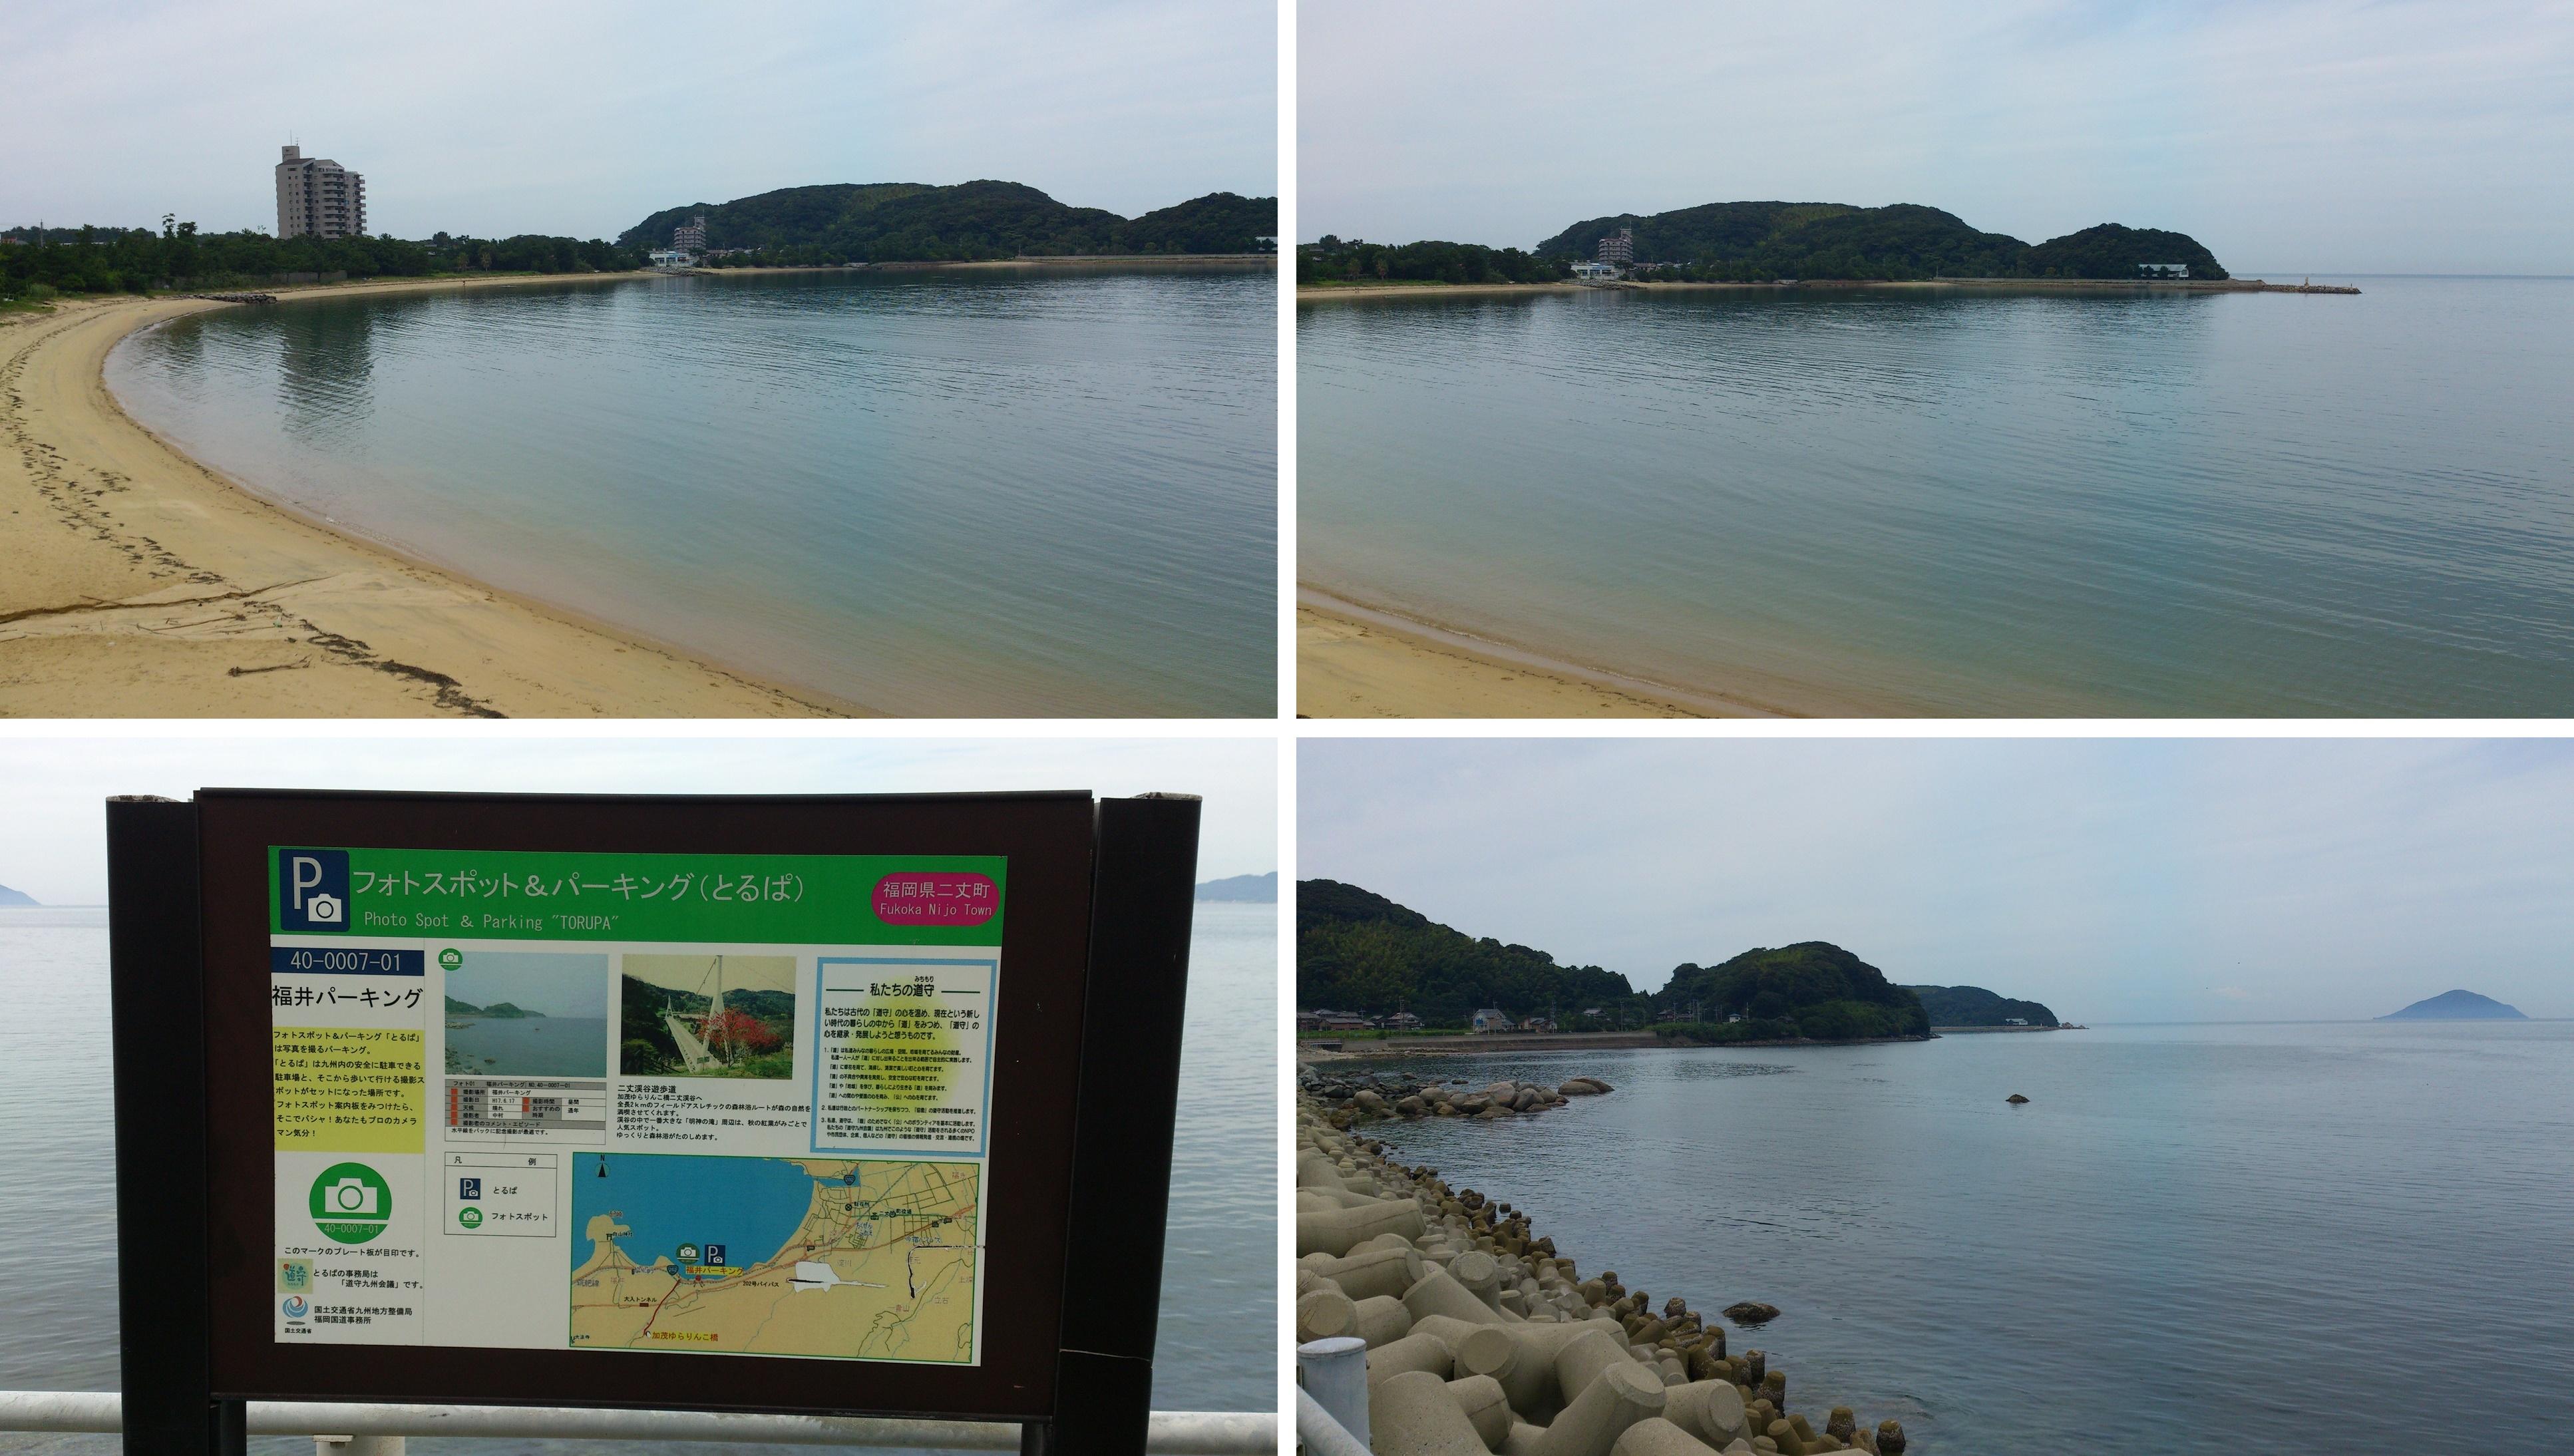 大入漁港と周辺